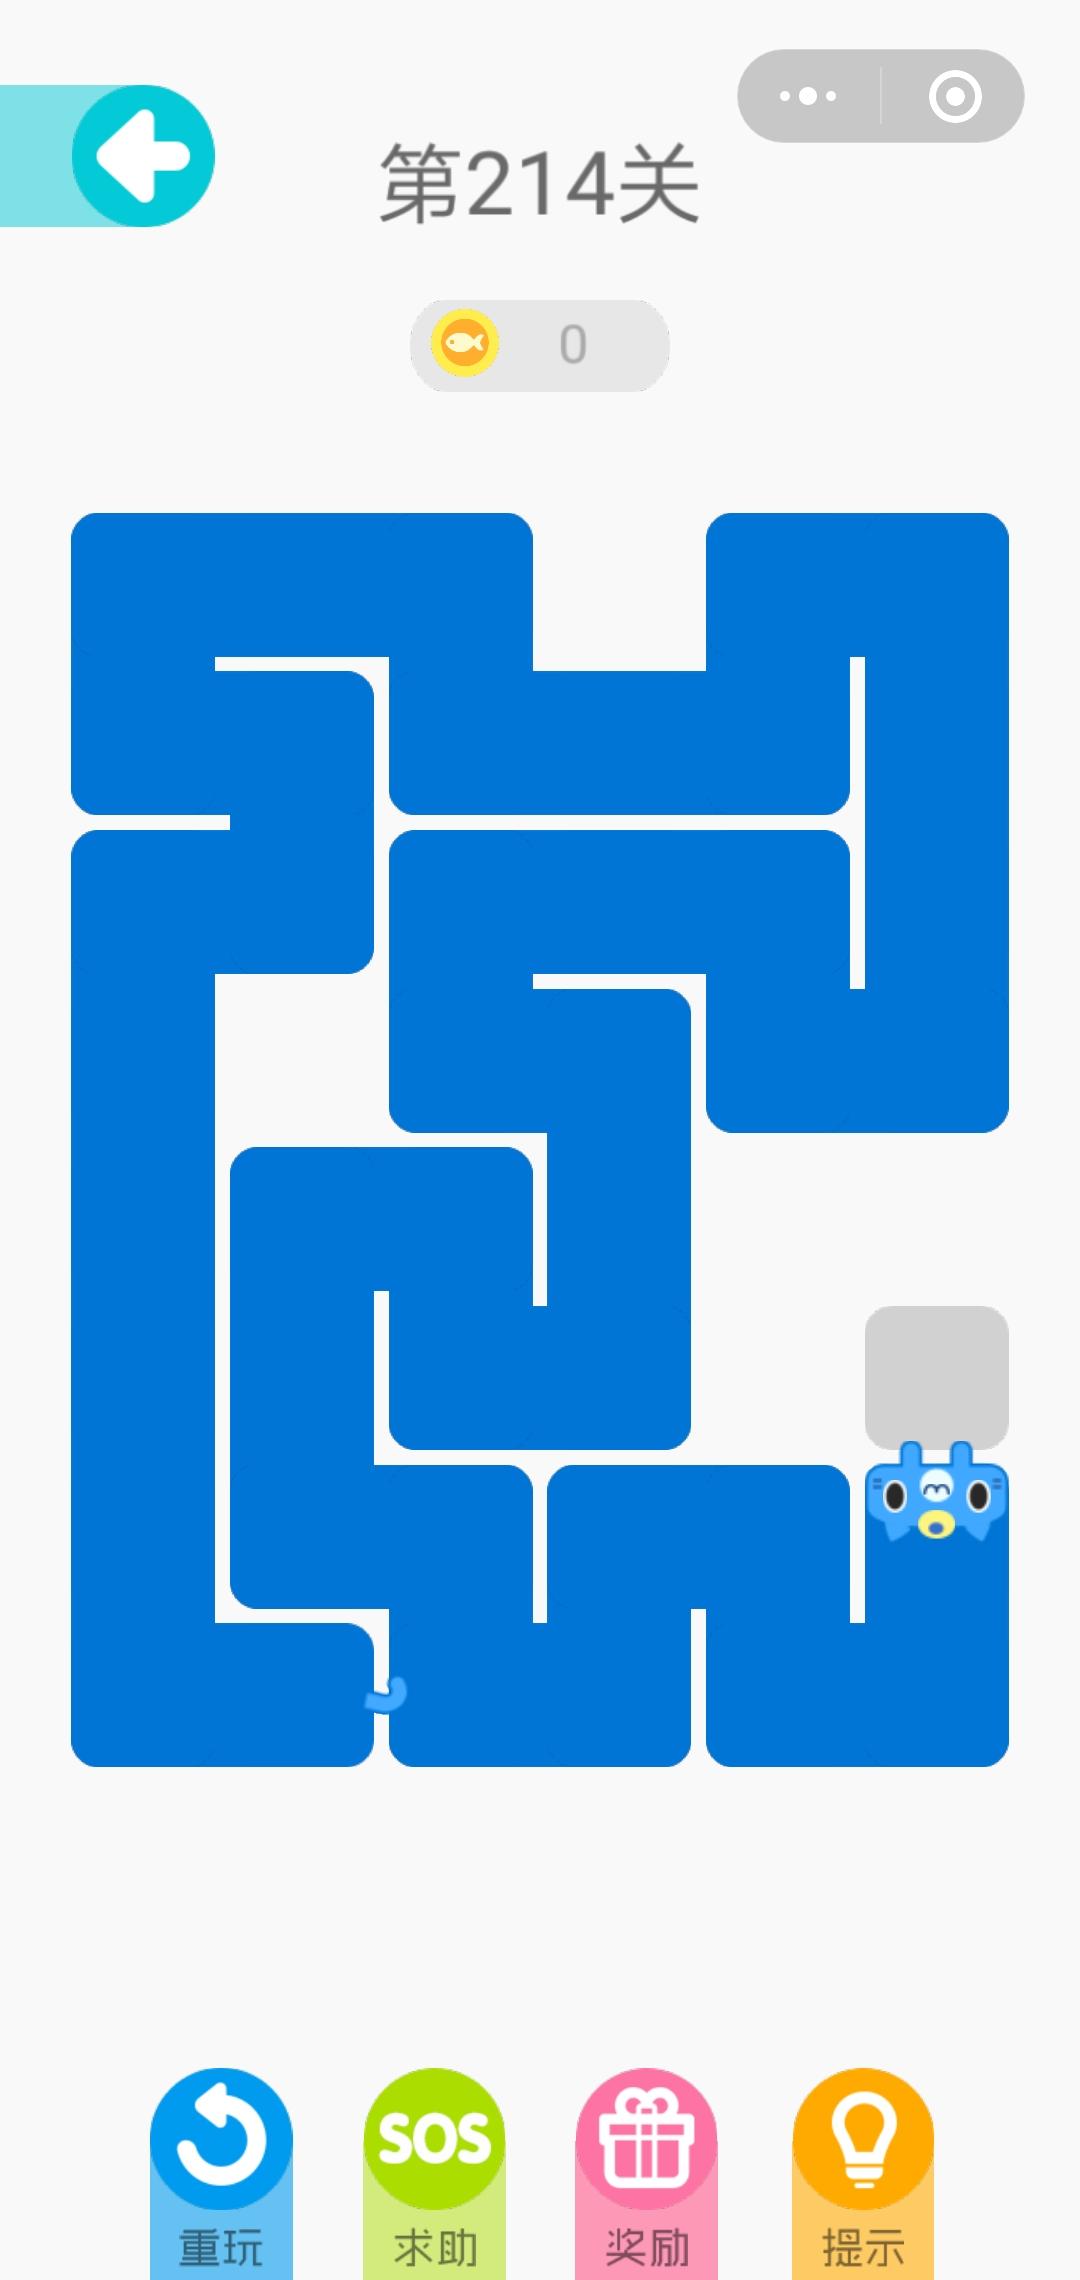 微信一笔画完第214关怎么过 微信一笔画完第214关通关攻略